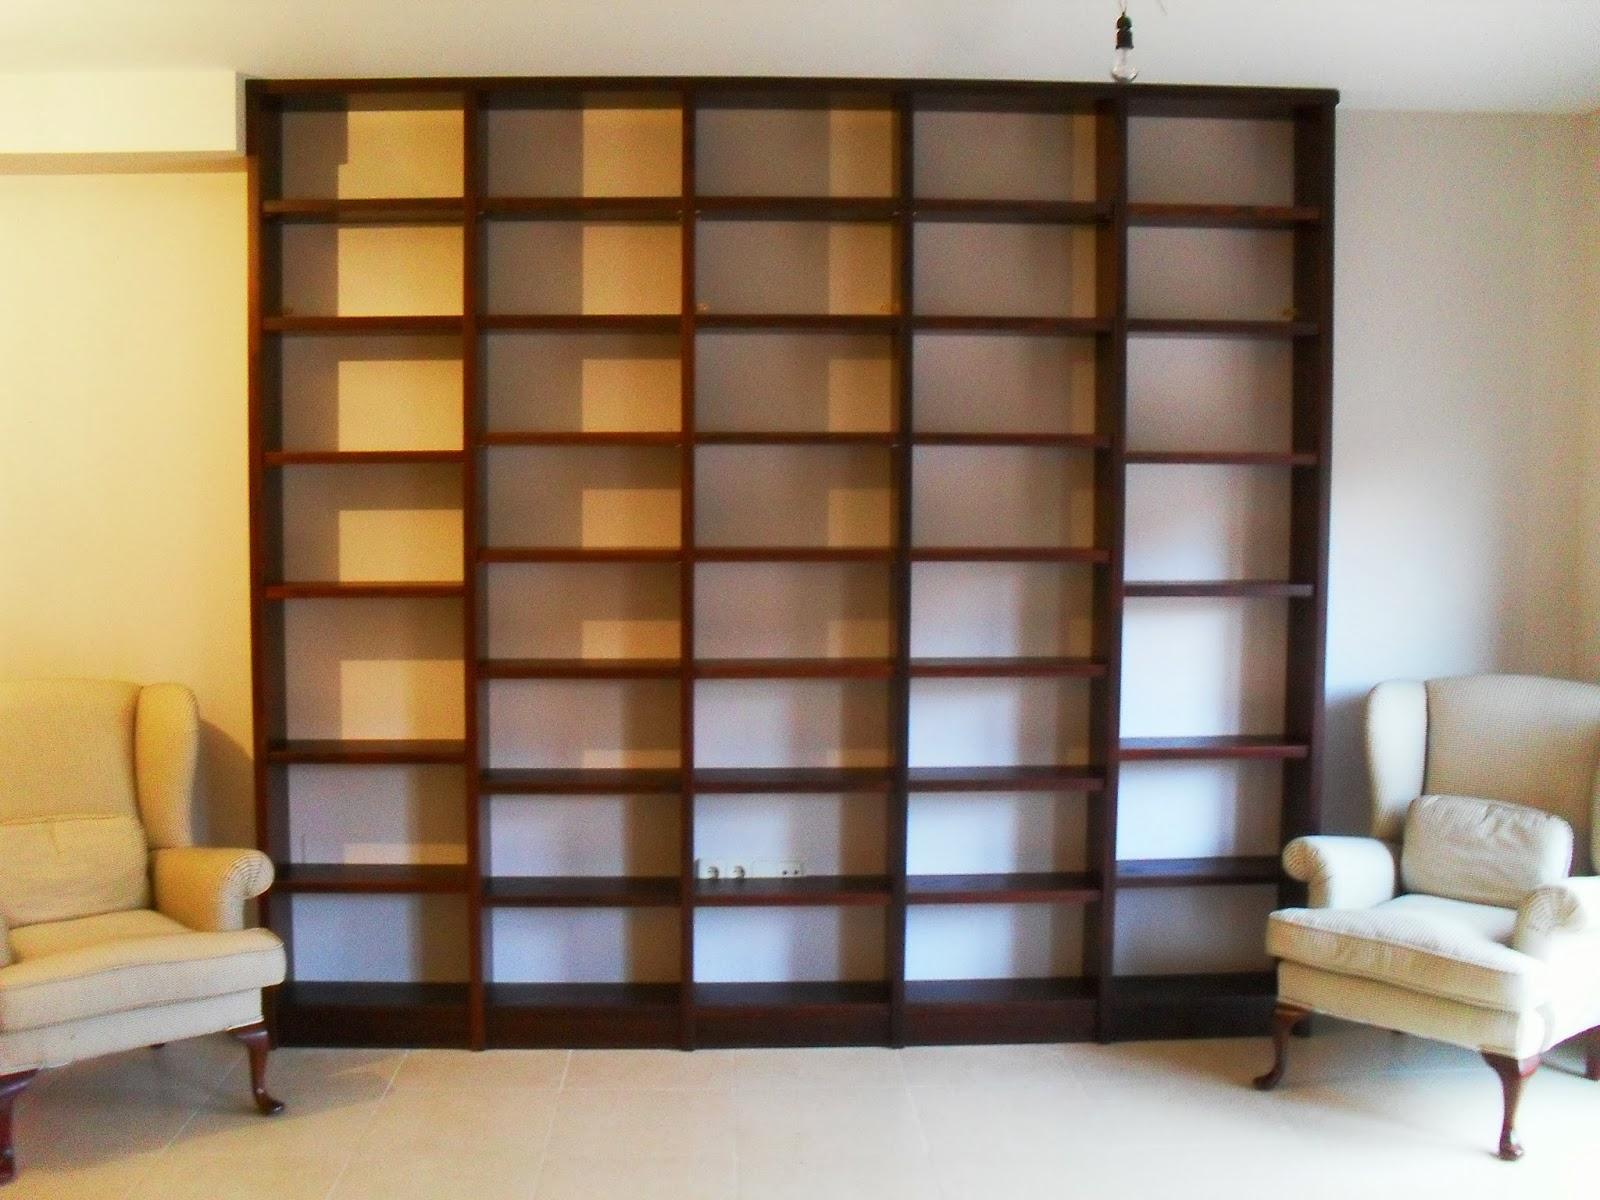 Libreria a medida madrid mueble libreria 617075183 - Librerias salon modernas ...